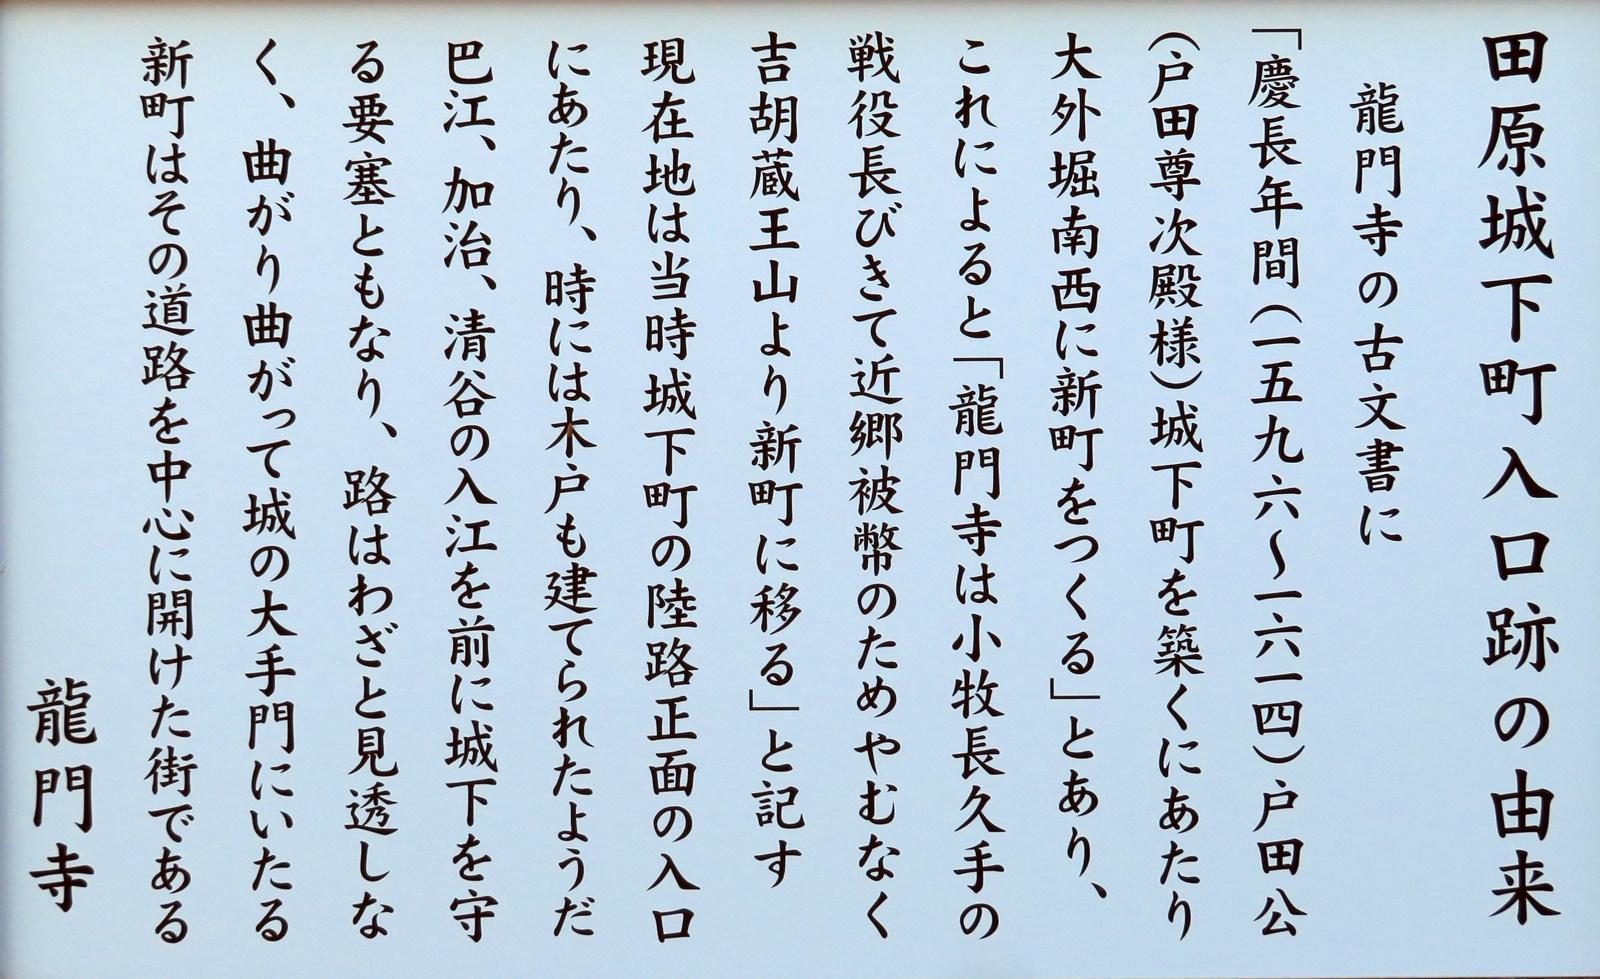 f:id:hiroro5:20160910072318j:plain